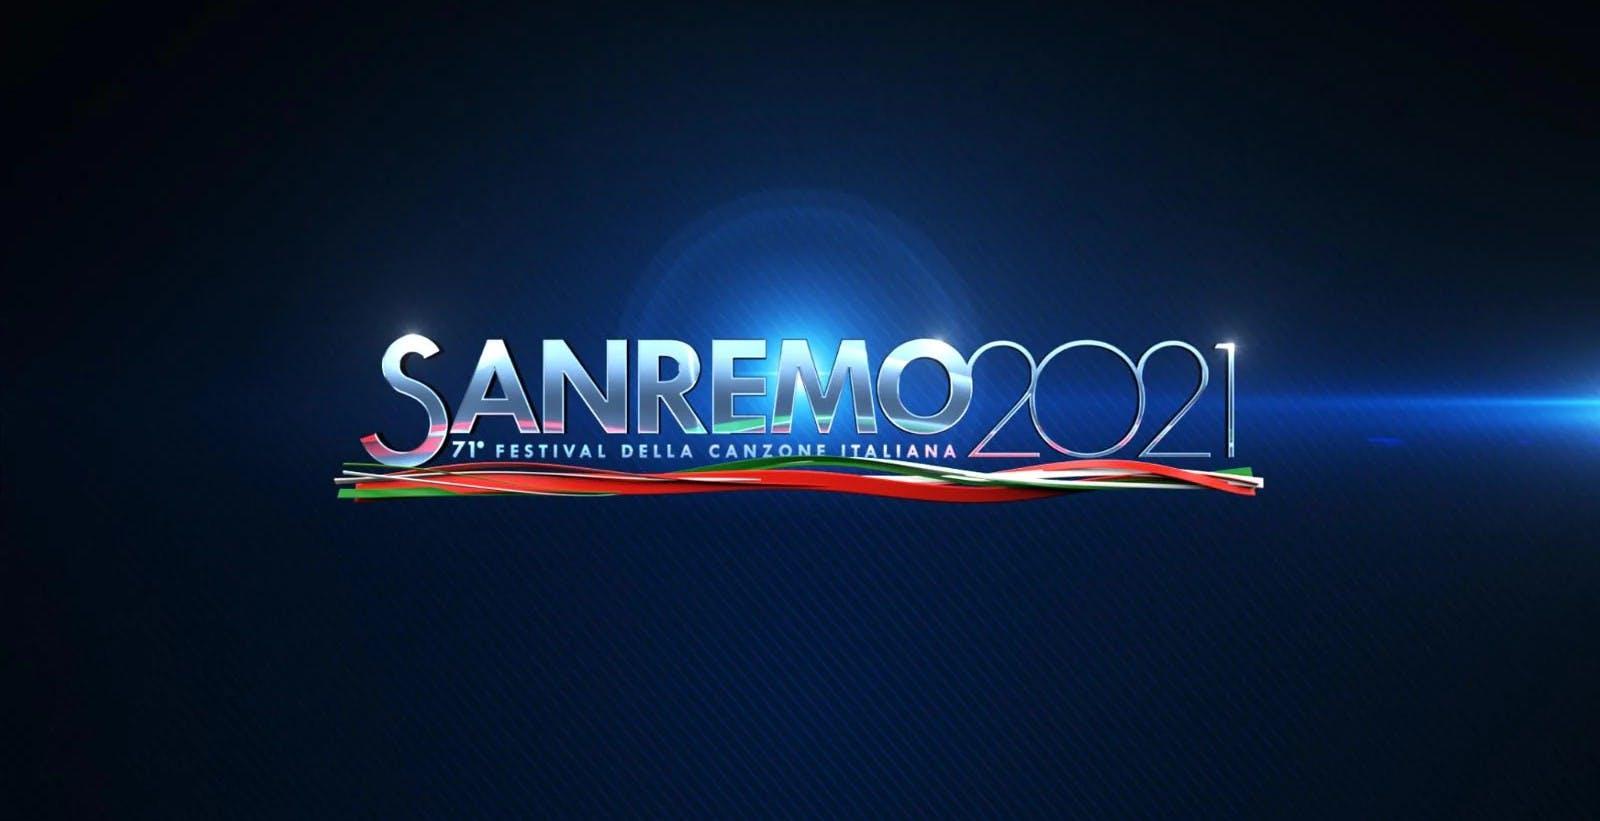 Il Festival di Sanremo 2021 fa meno spettatori in TV del 2020, ma le canzoni spopolano su Spotify